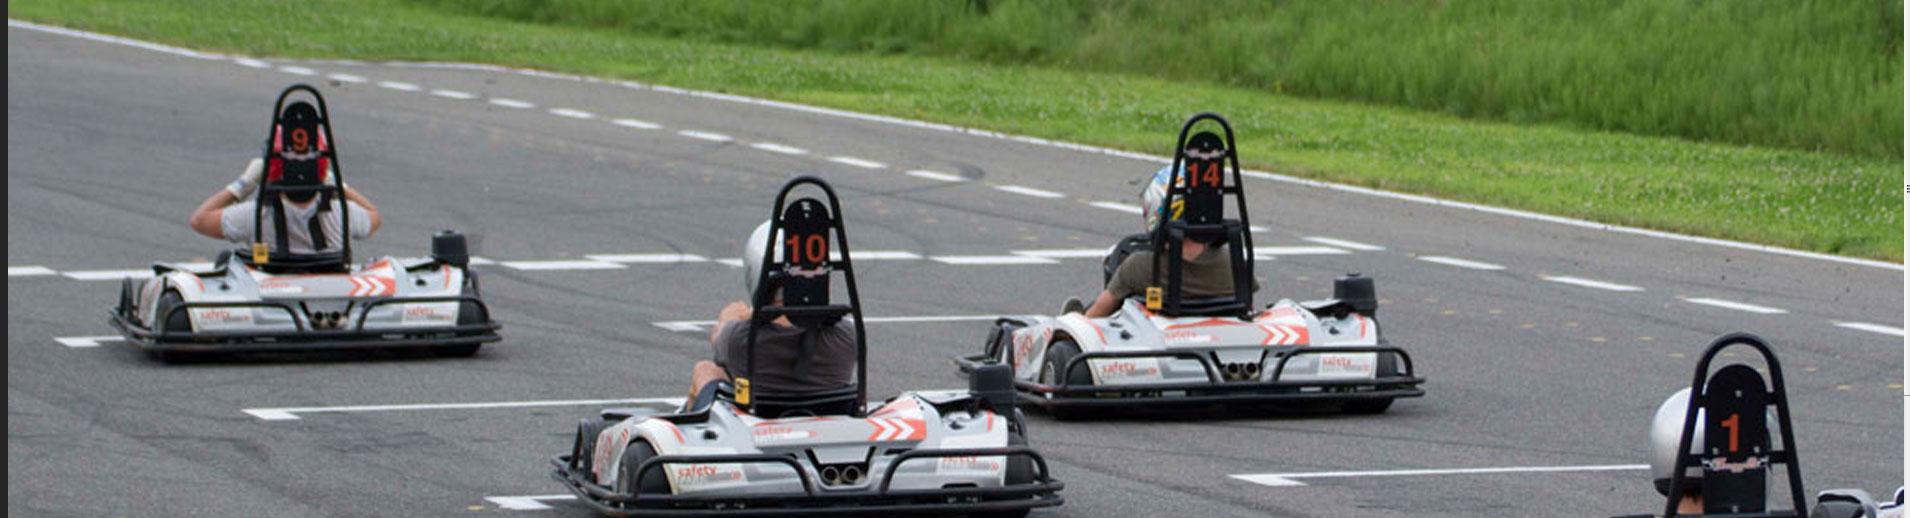 go-kart_banner